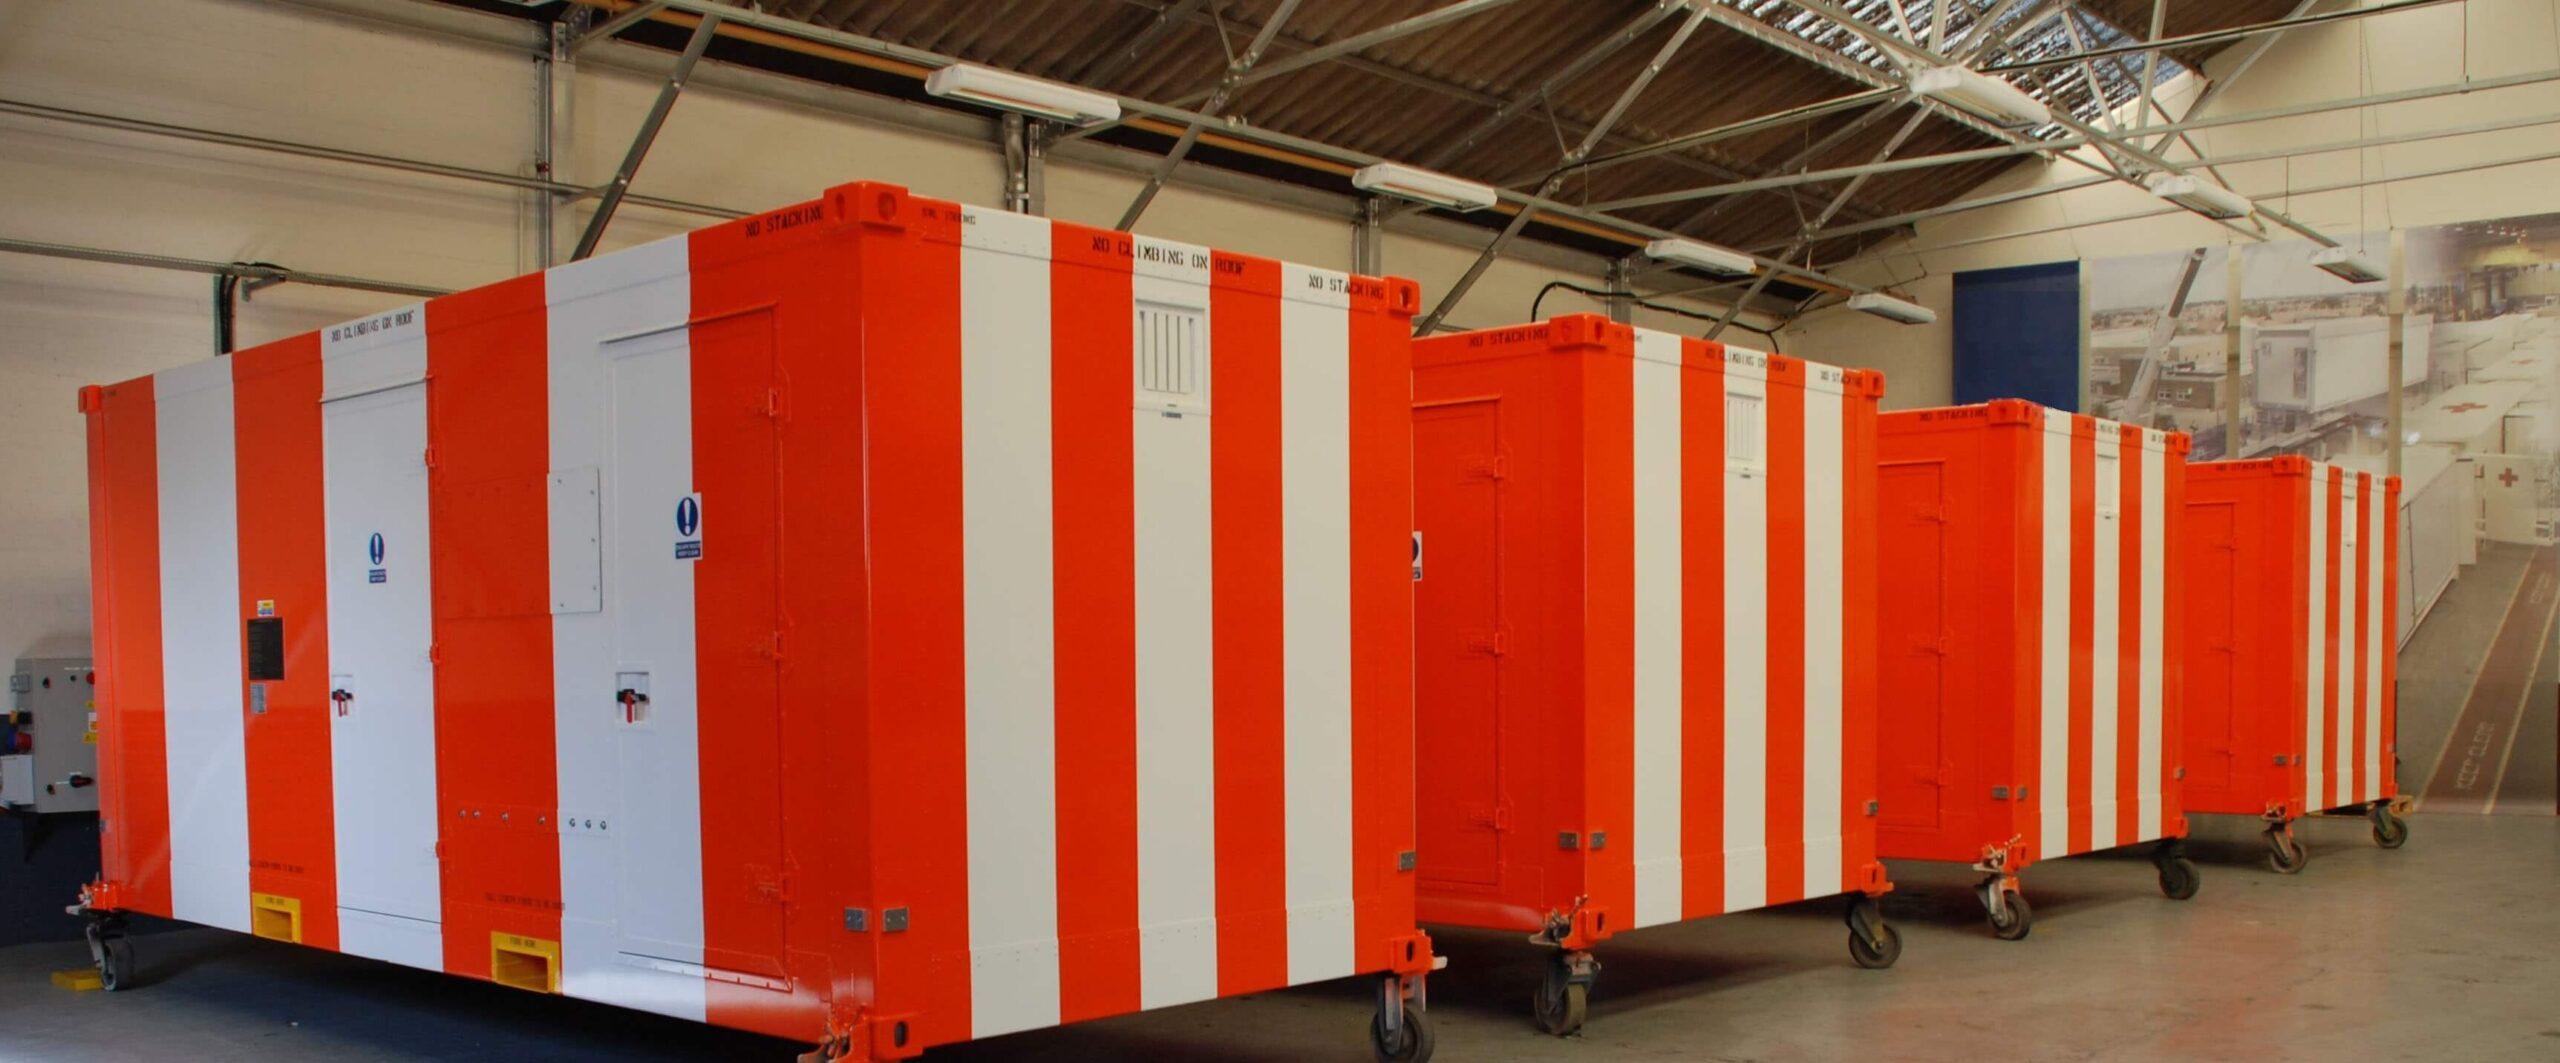 Equipment-GSM-Shelter